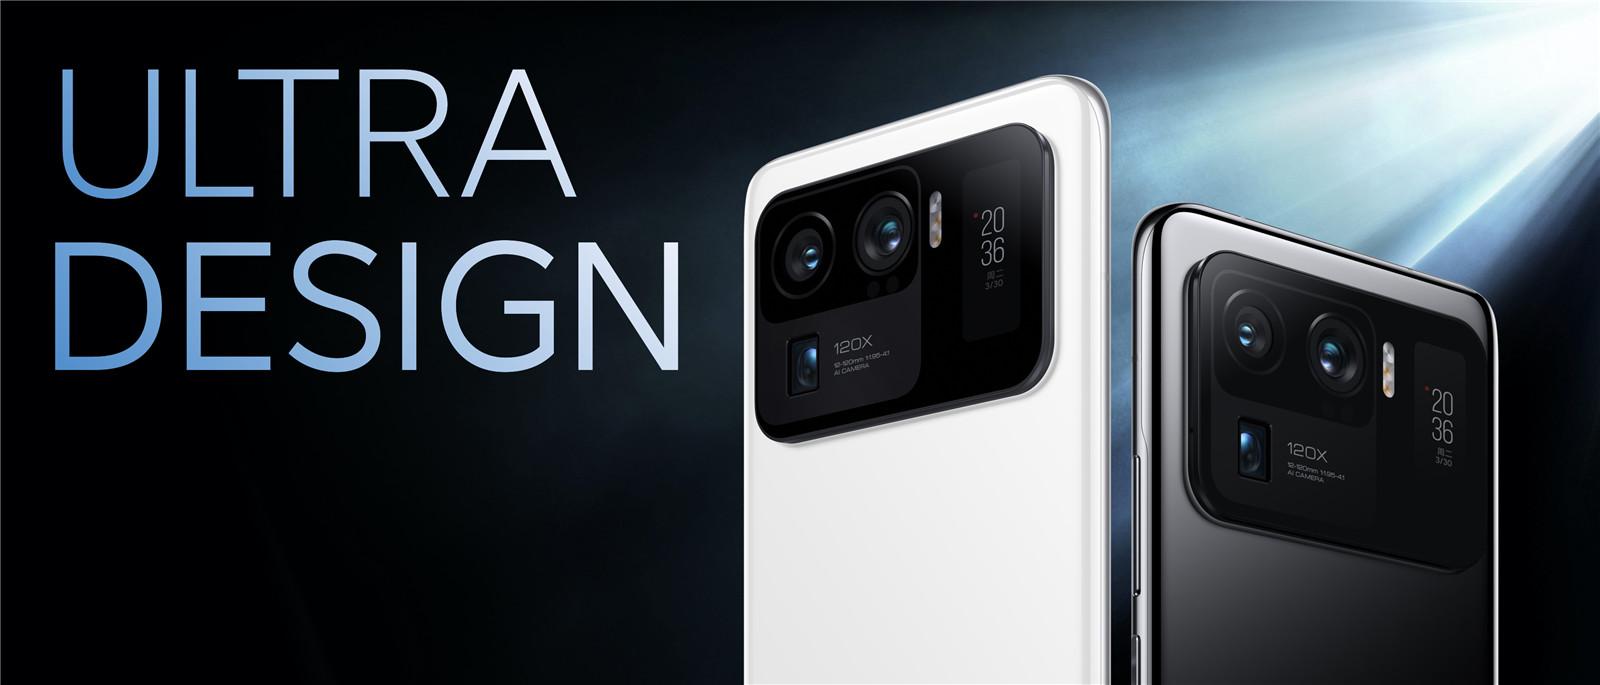 小米这款新机厉害了:被评为安卓手机第一!